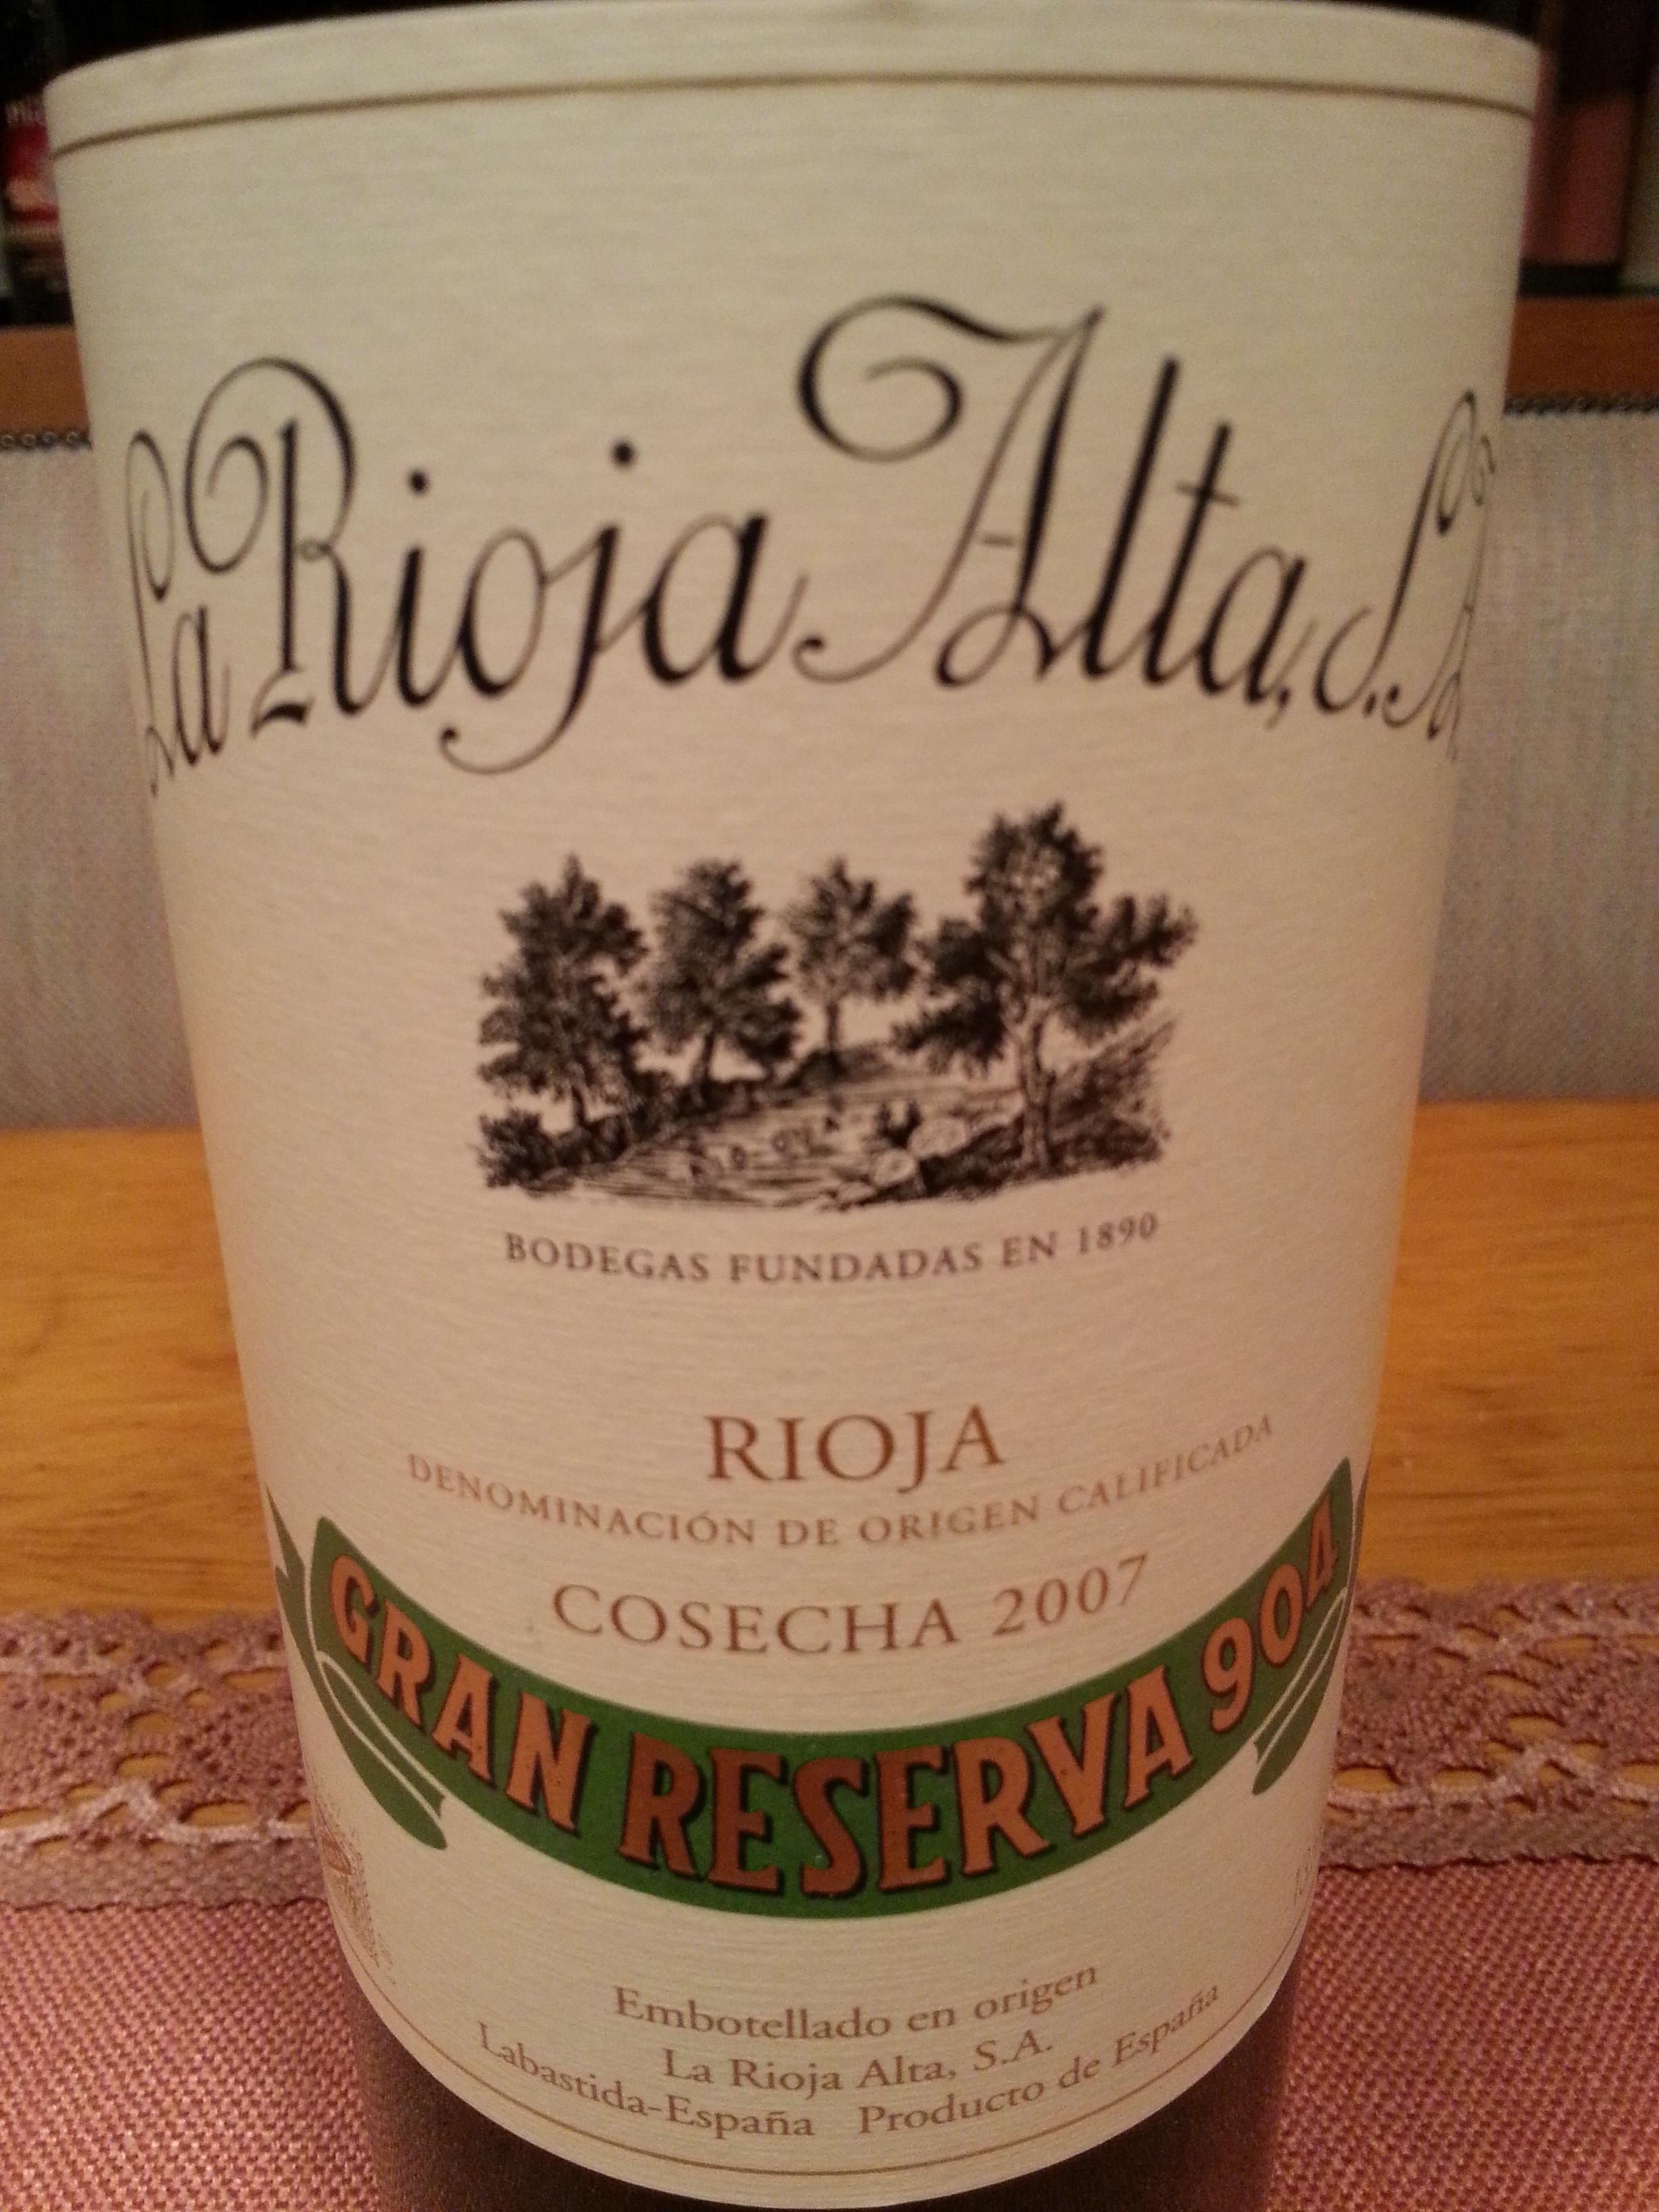 2007 La Rioja Alta Gran Reserva 904 | La Rioja Alta